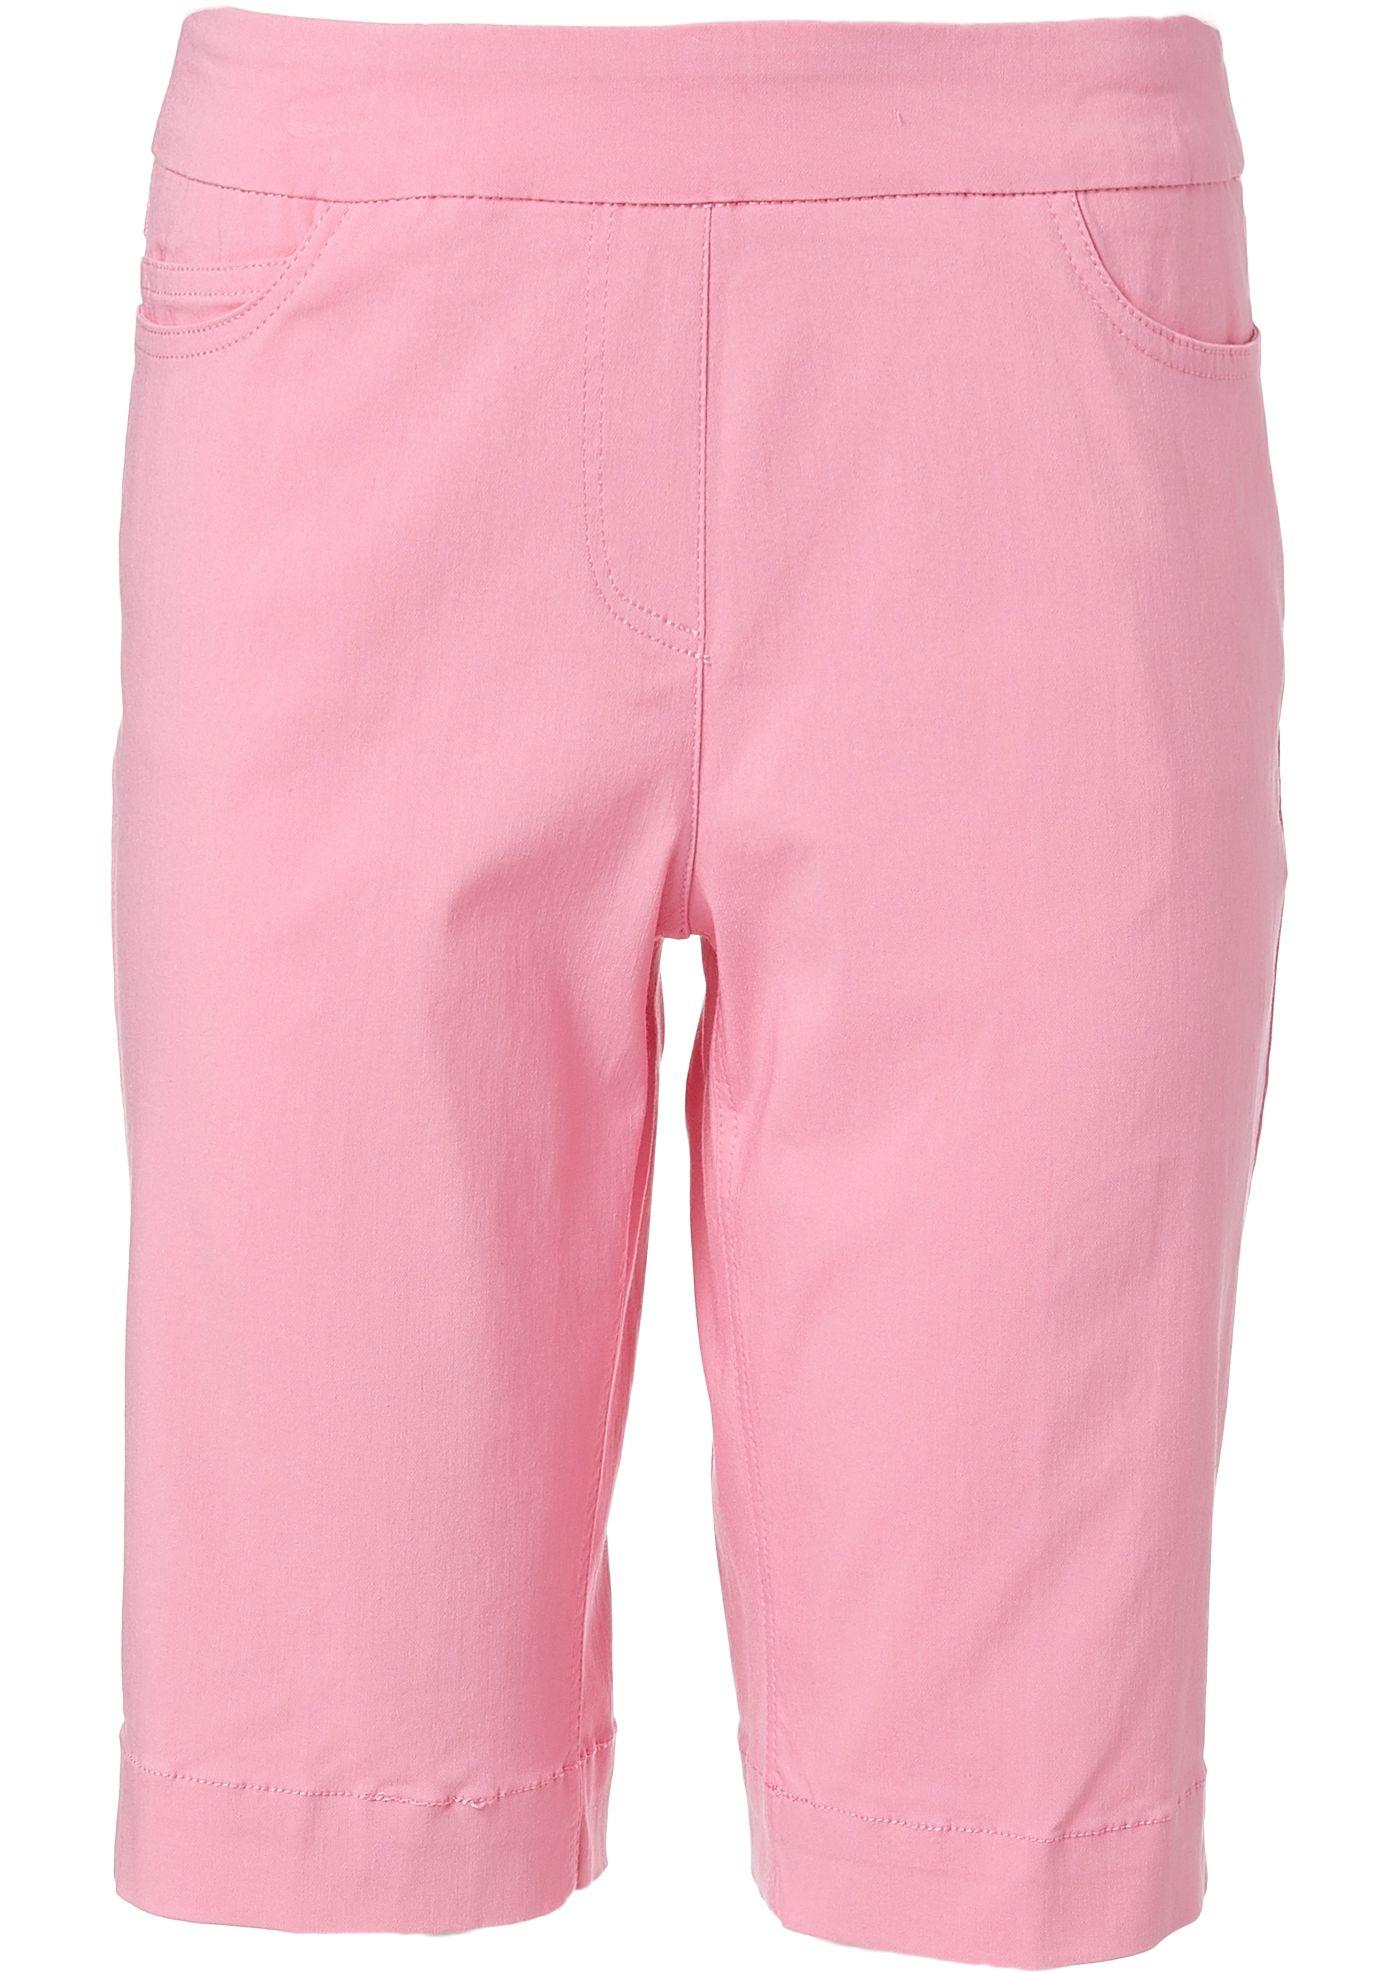 Bette & Court Women's Slim-Sation Golf Shorts